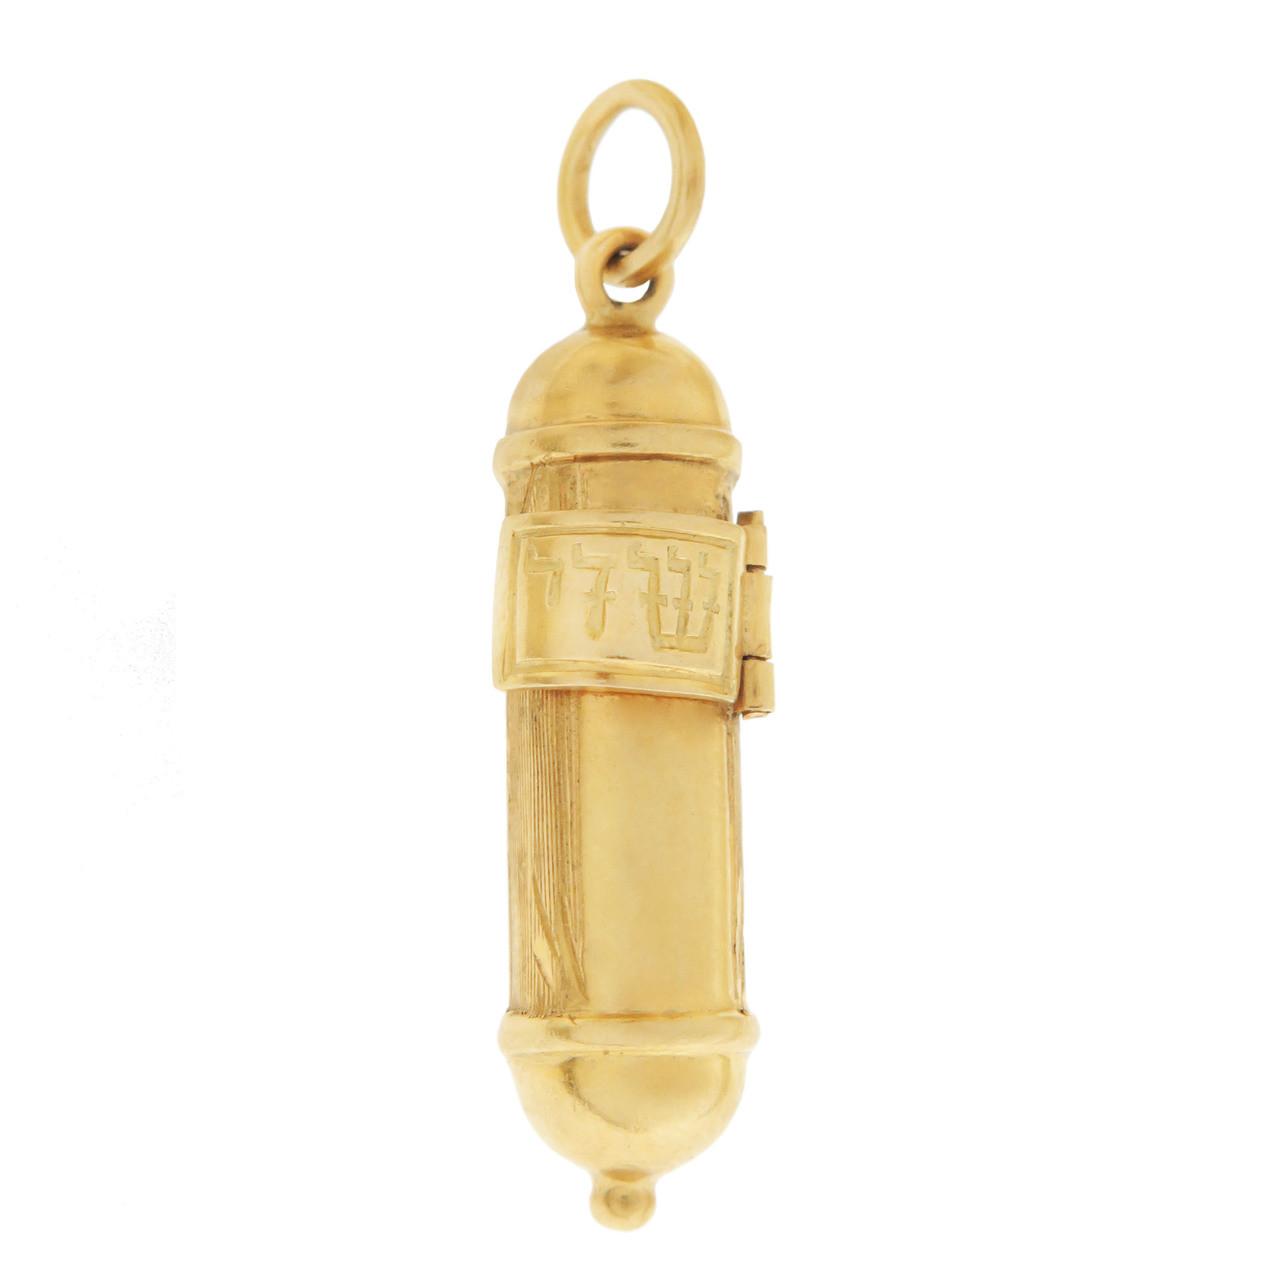 Vintage Movable Mezzuzah 18k Gold Charm